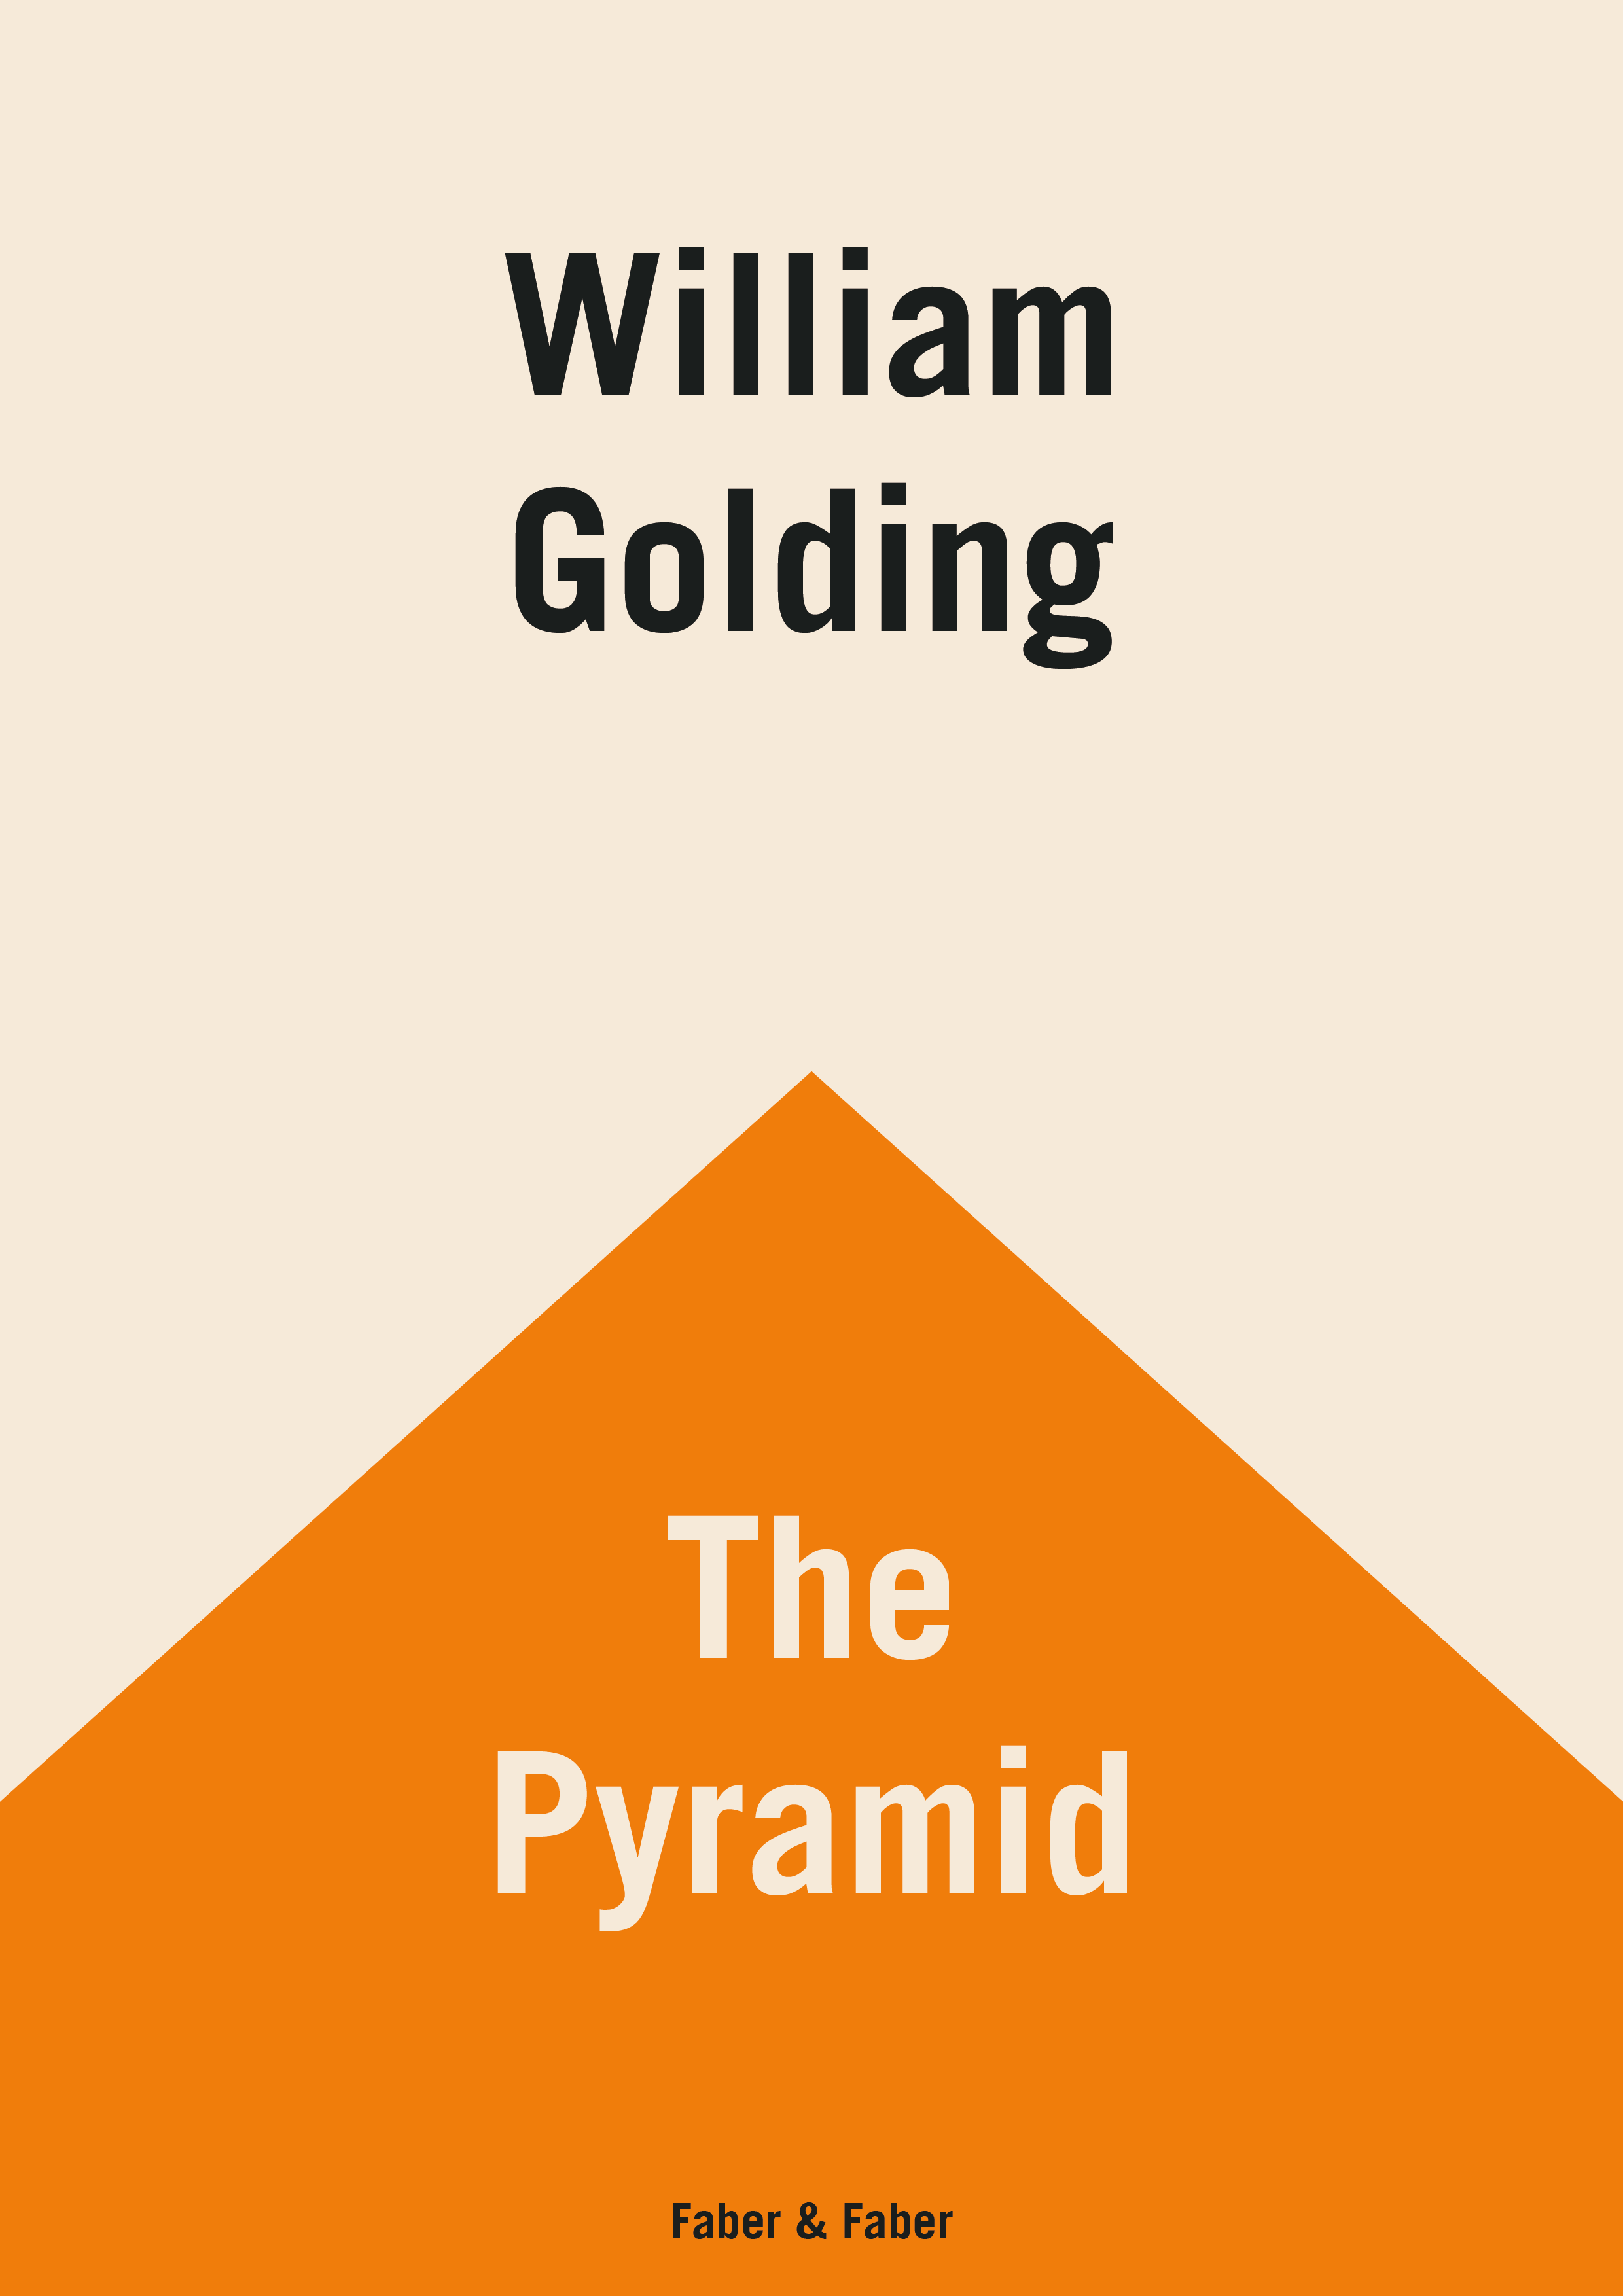 The Pyramid-01